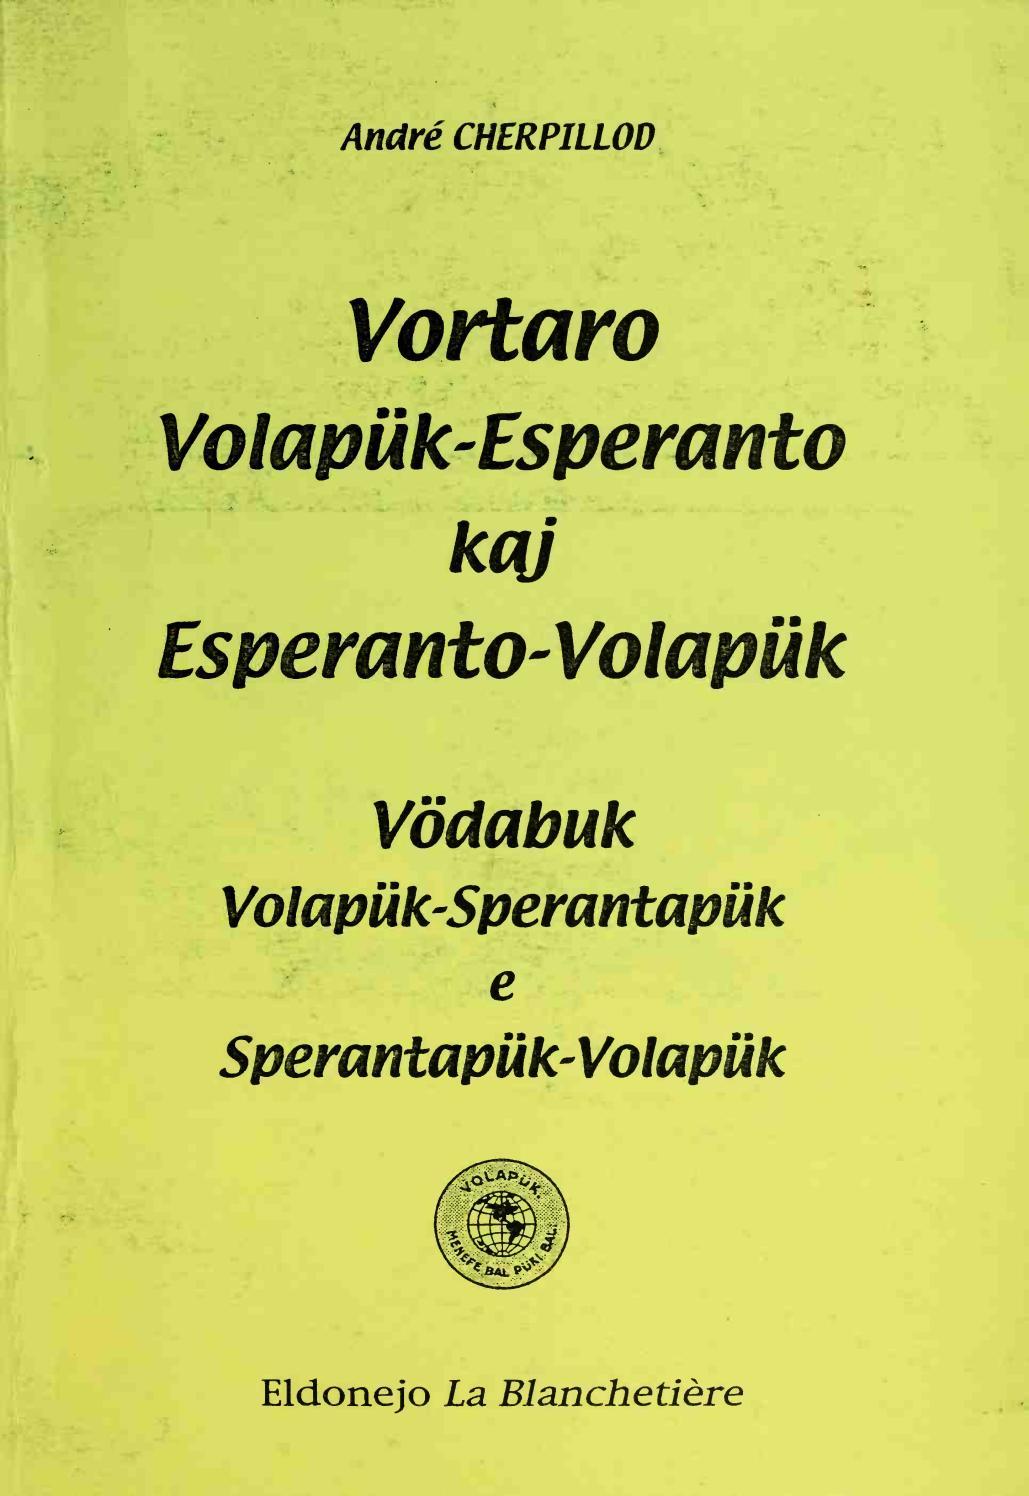 Calaméo - A magyar katonai szleng szótára - Stop depo lövés lefogy